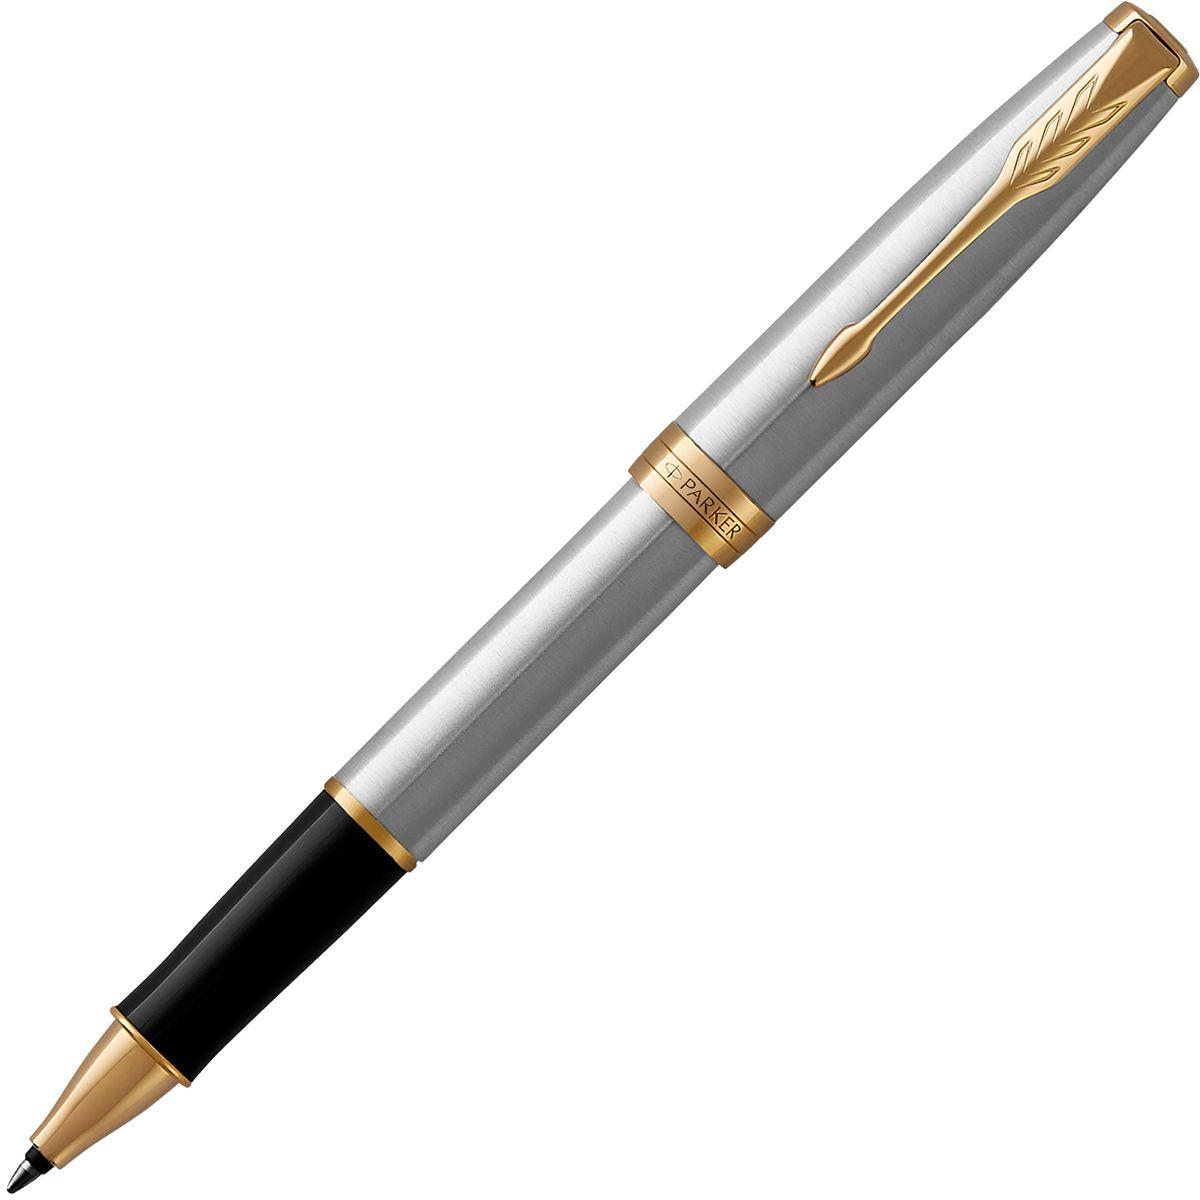 Parker Ручка-роллер Sonnet Stainless Steel GT308SBK3P3Материал корпуса: Нержавеющая сталь.Покрытие корпуса: Шлифованная нержавеющая сталь.Материал отделки деталей корпуса: позолота 23К, Торец ручки: латунь, покрытая золотом. Зажим колпачка: сталь, покрытая золотом. Кольцо: сталь, покрытая золотом. Зона захвата - пластик. Способ подачи стержня: с колпачком.Сделано во Франции.Аналог PARKER-S0809130